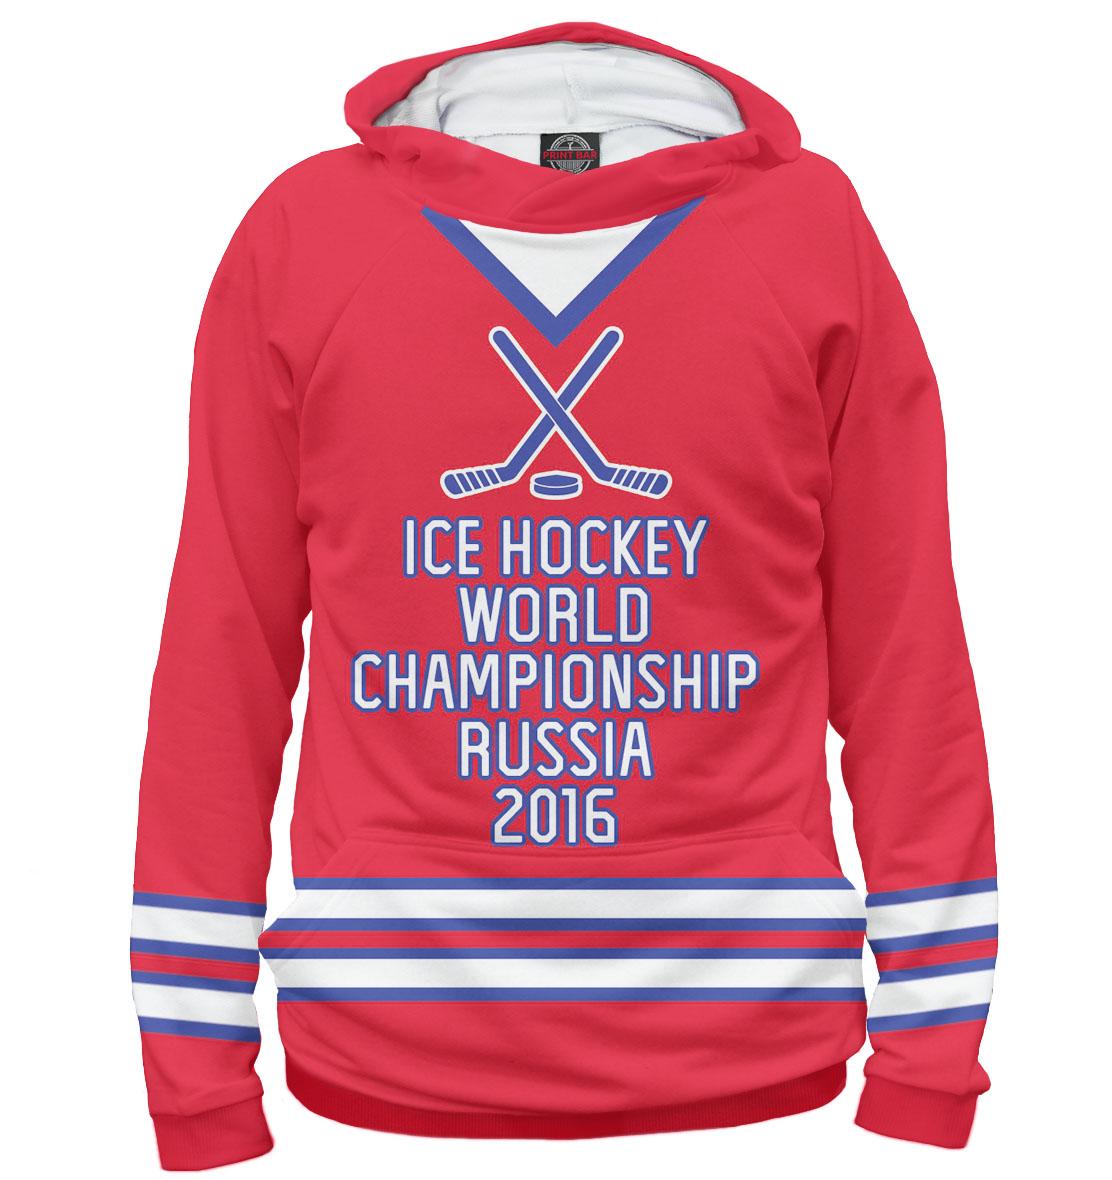 Купить ЧМ по хоккею 2016, Printbar, Худи, HOK-302116-hud-2